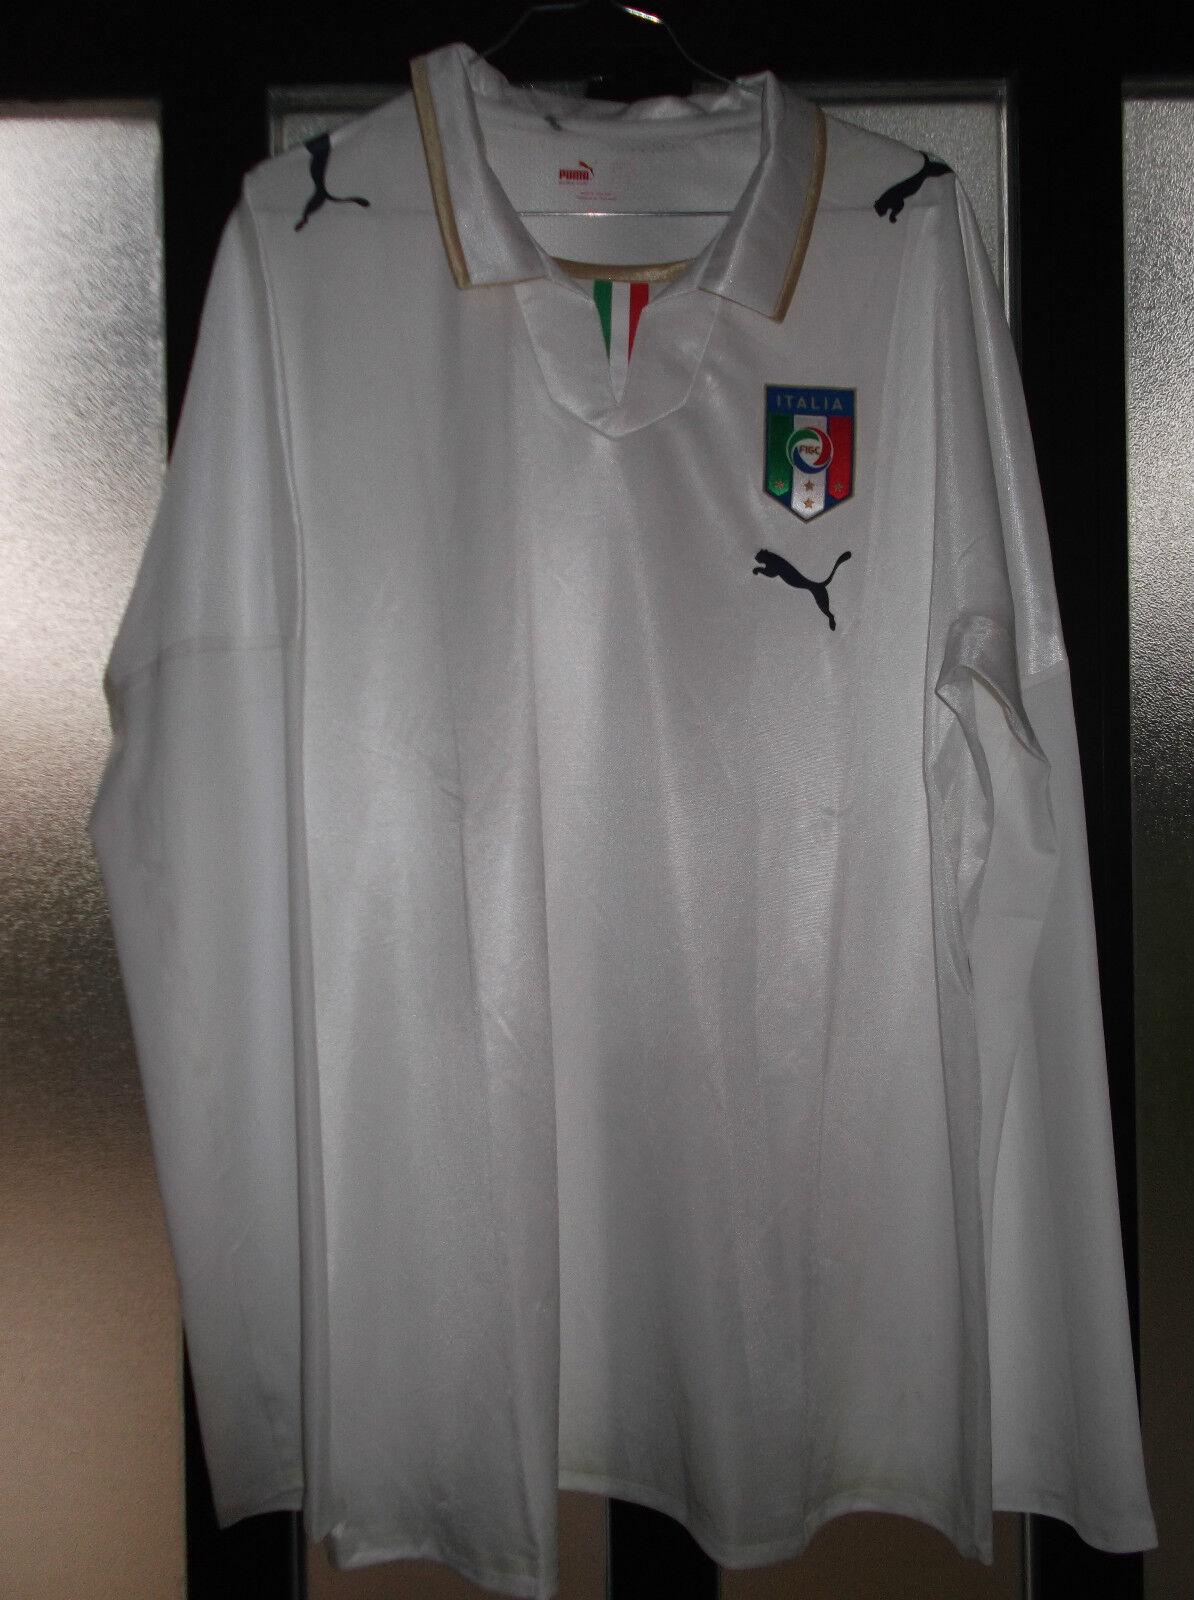 Maglia shirt italia nazionale italiana termosaldata puma senza nr e nome ottima